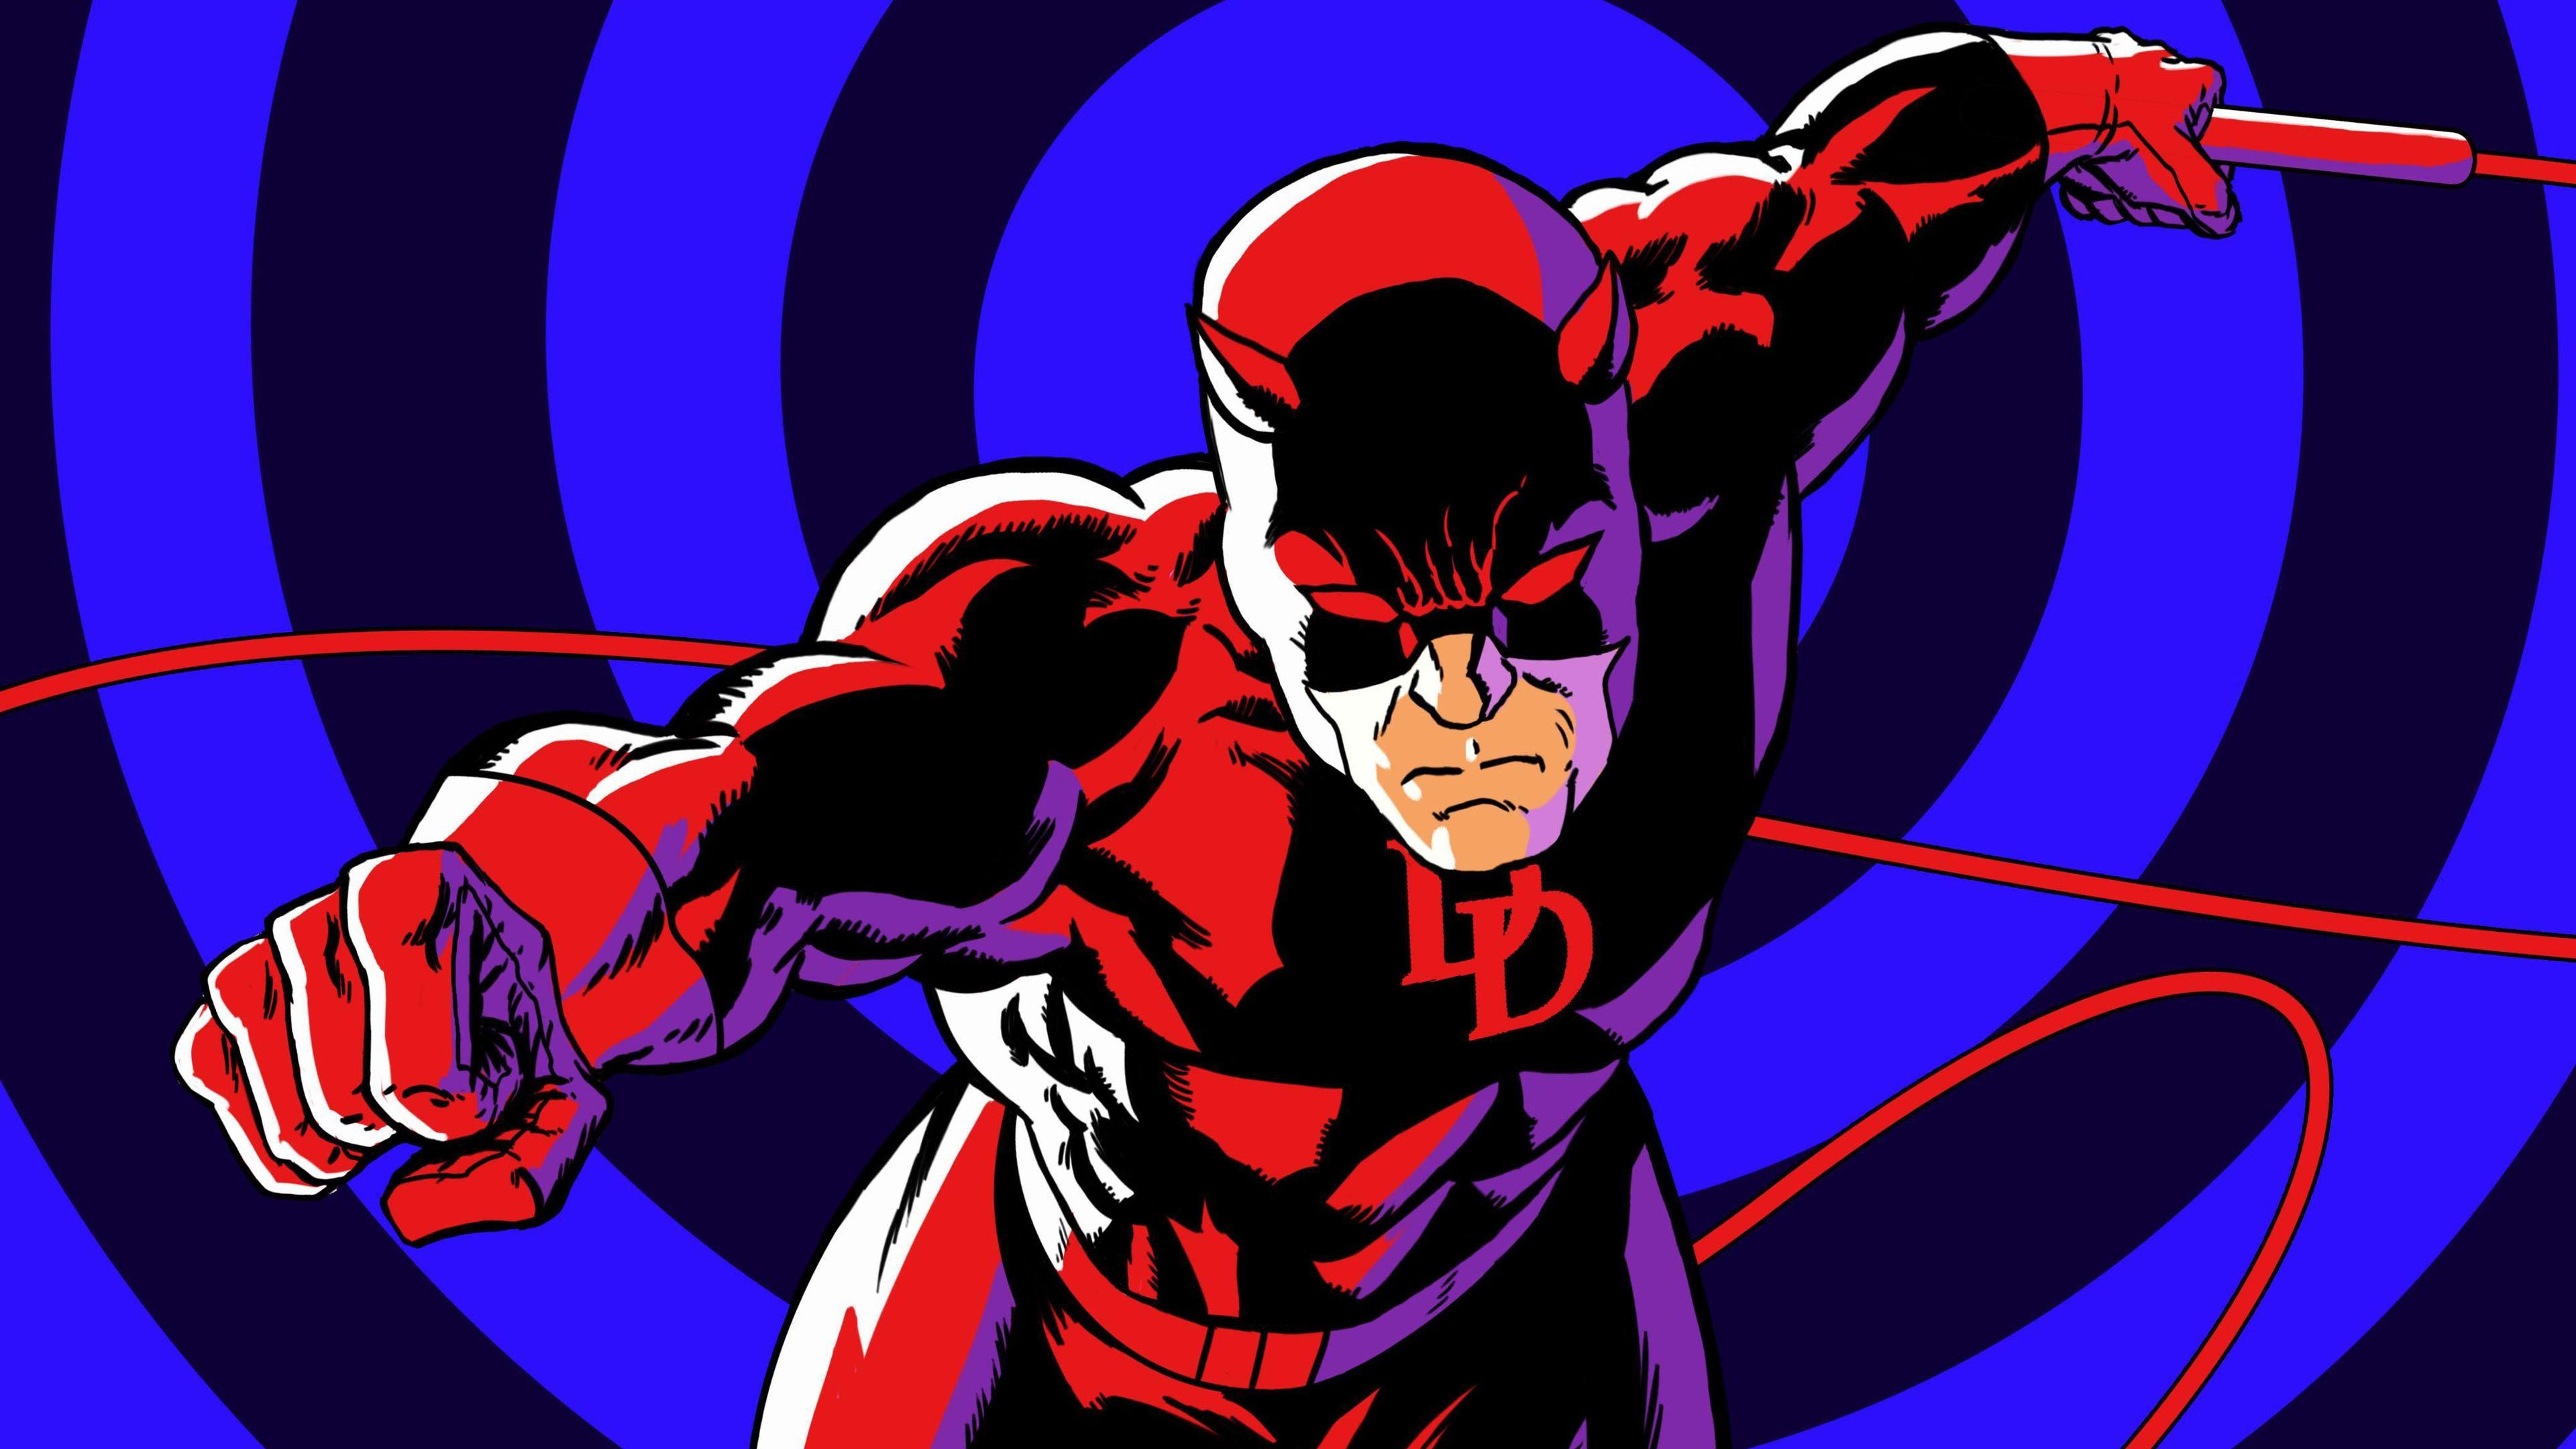 Daredevil Artworks 4k Superheroes Wallpapers Hd Wallpapers Daredevil Wallpapers Artwork Wallpapers 5k Wall Daredevil Artwork Marvel Daredevil Daredevil Art